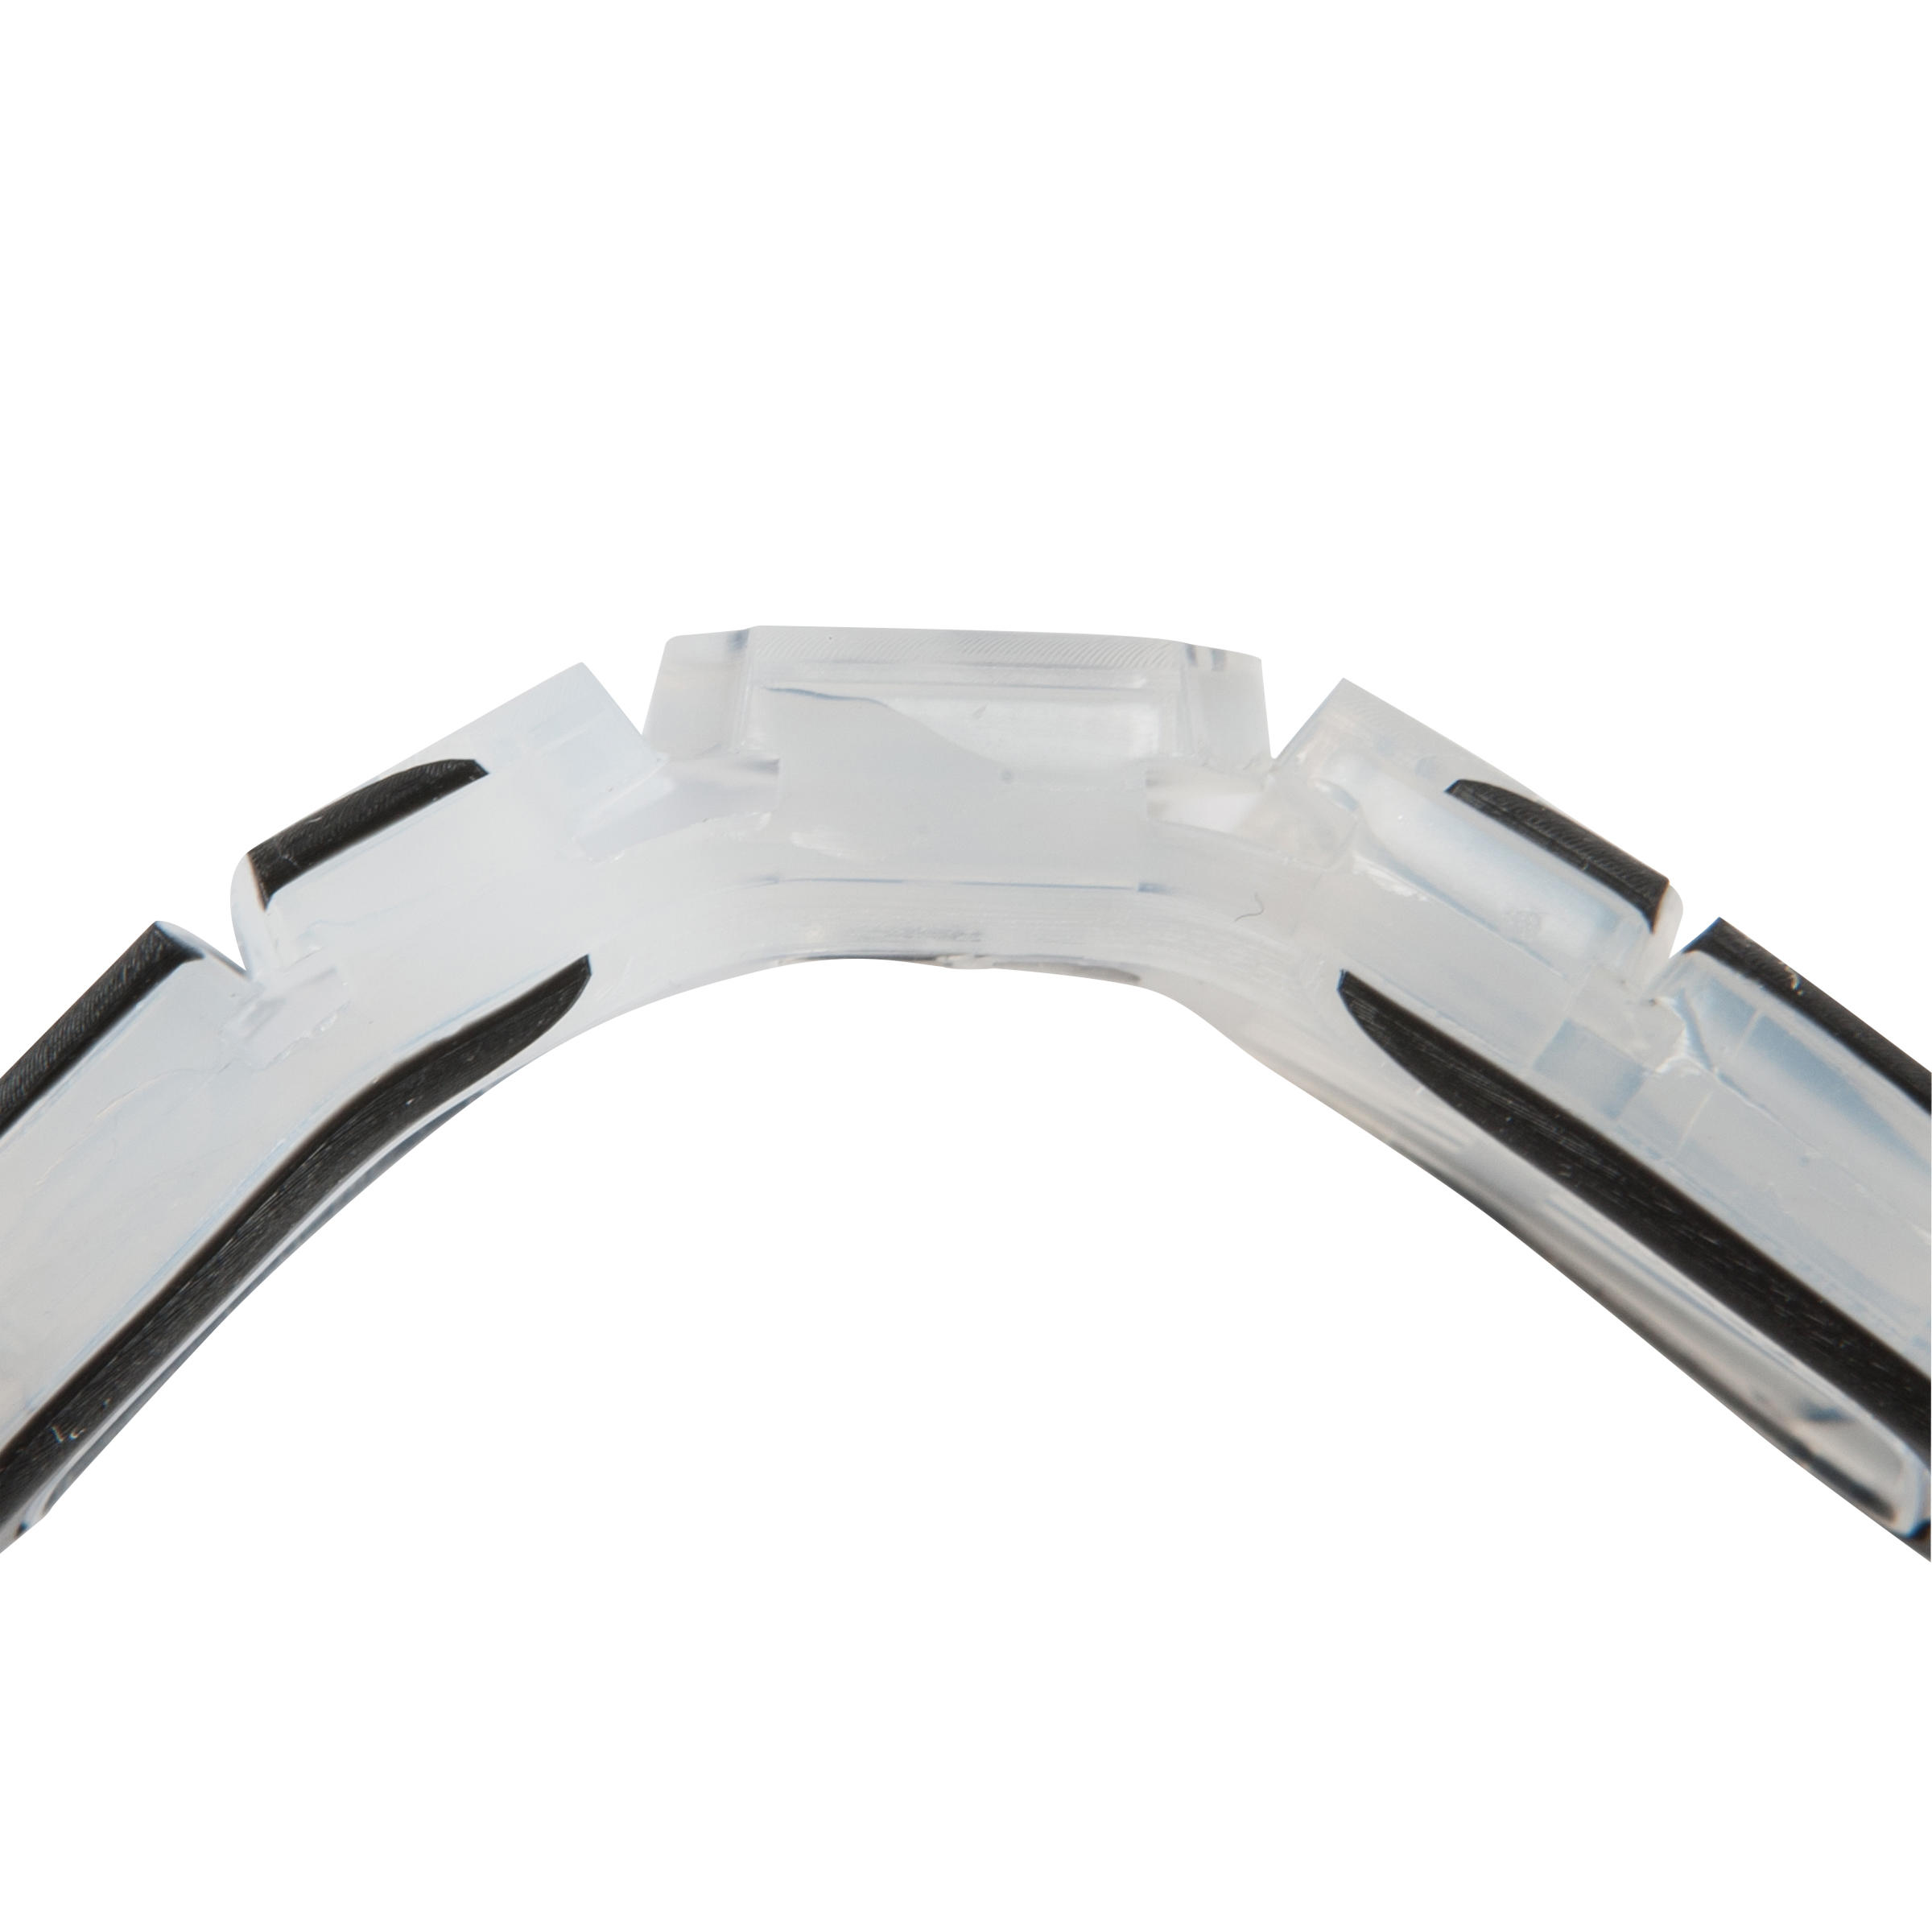 Feel Comfort Tennis Vibration Dampener - White